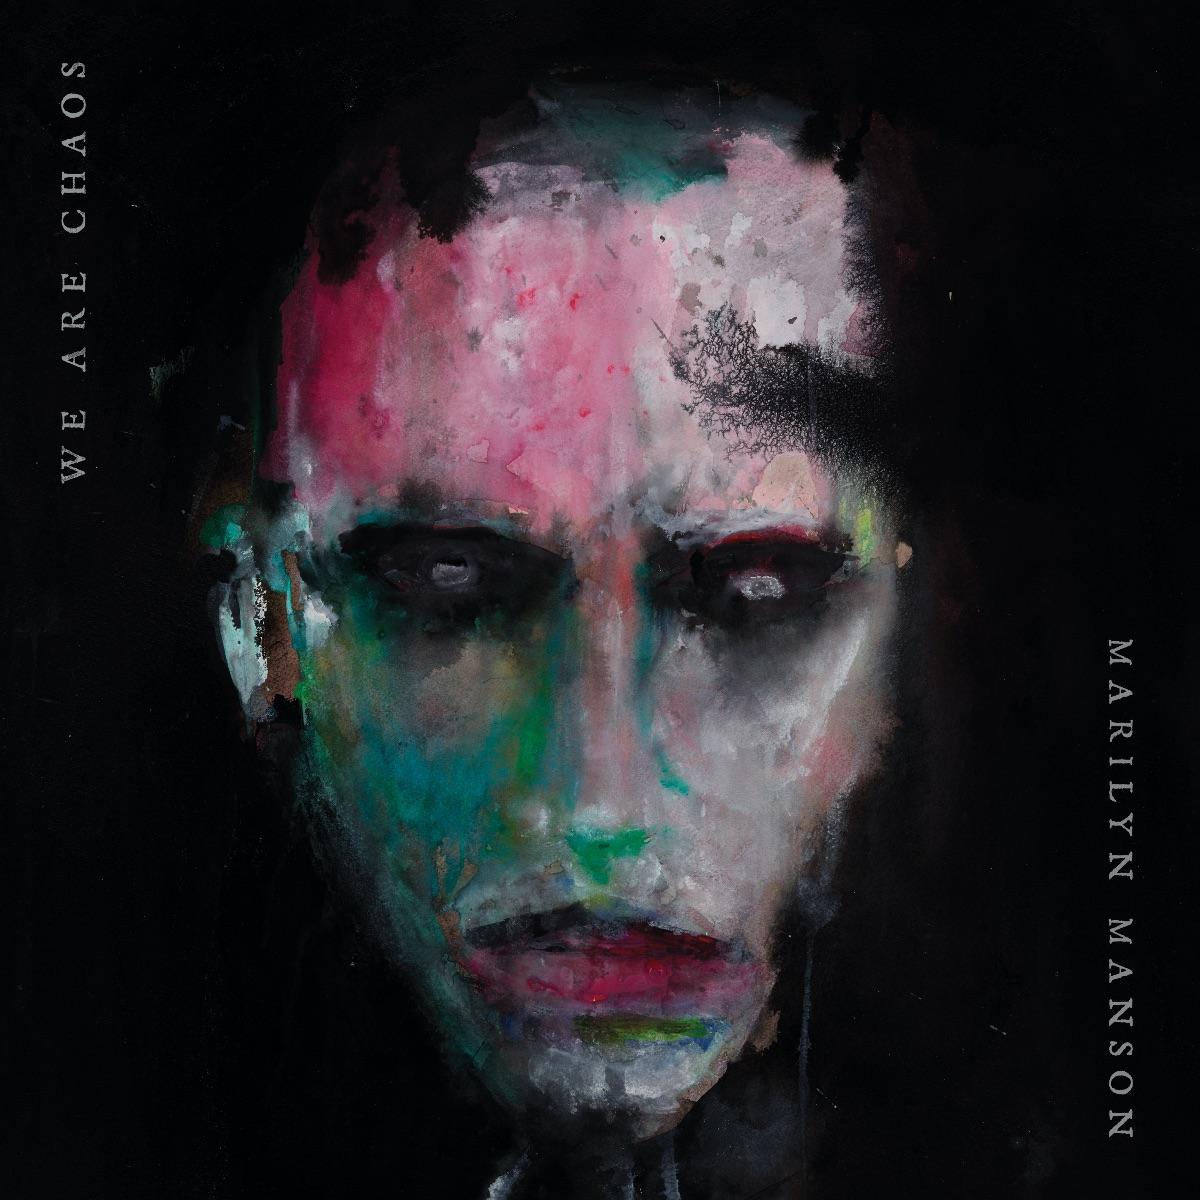 151747-marilyn-manson-is-terug-met-een-nieuw-album-en-releaset-eerste-single-we-are-chaos-1306247